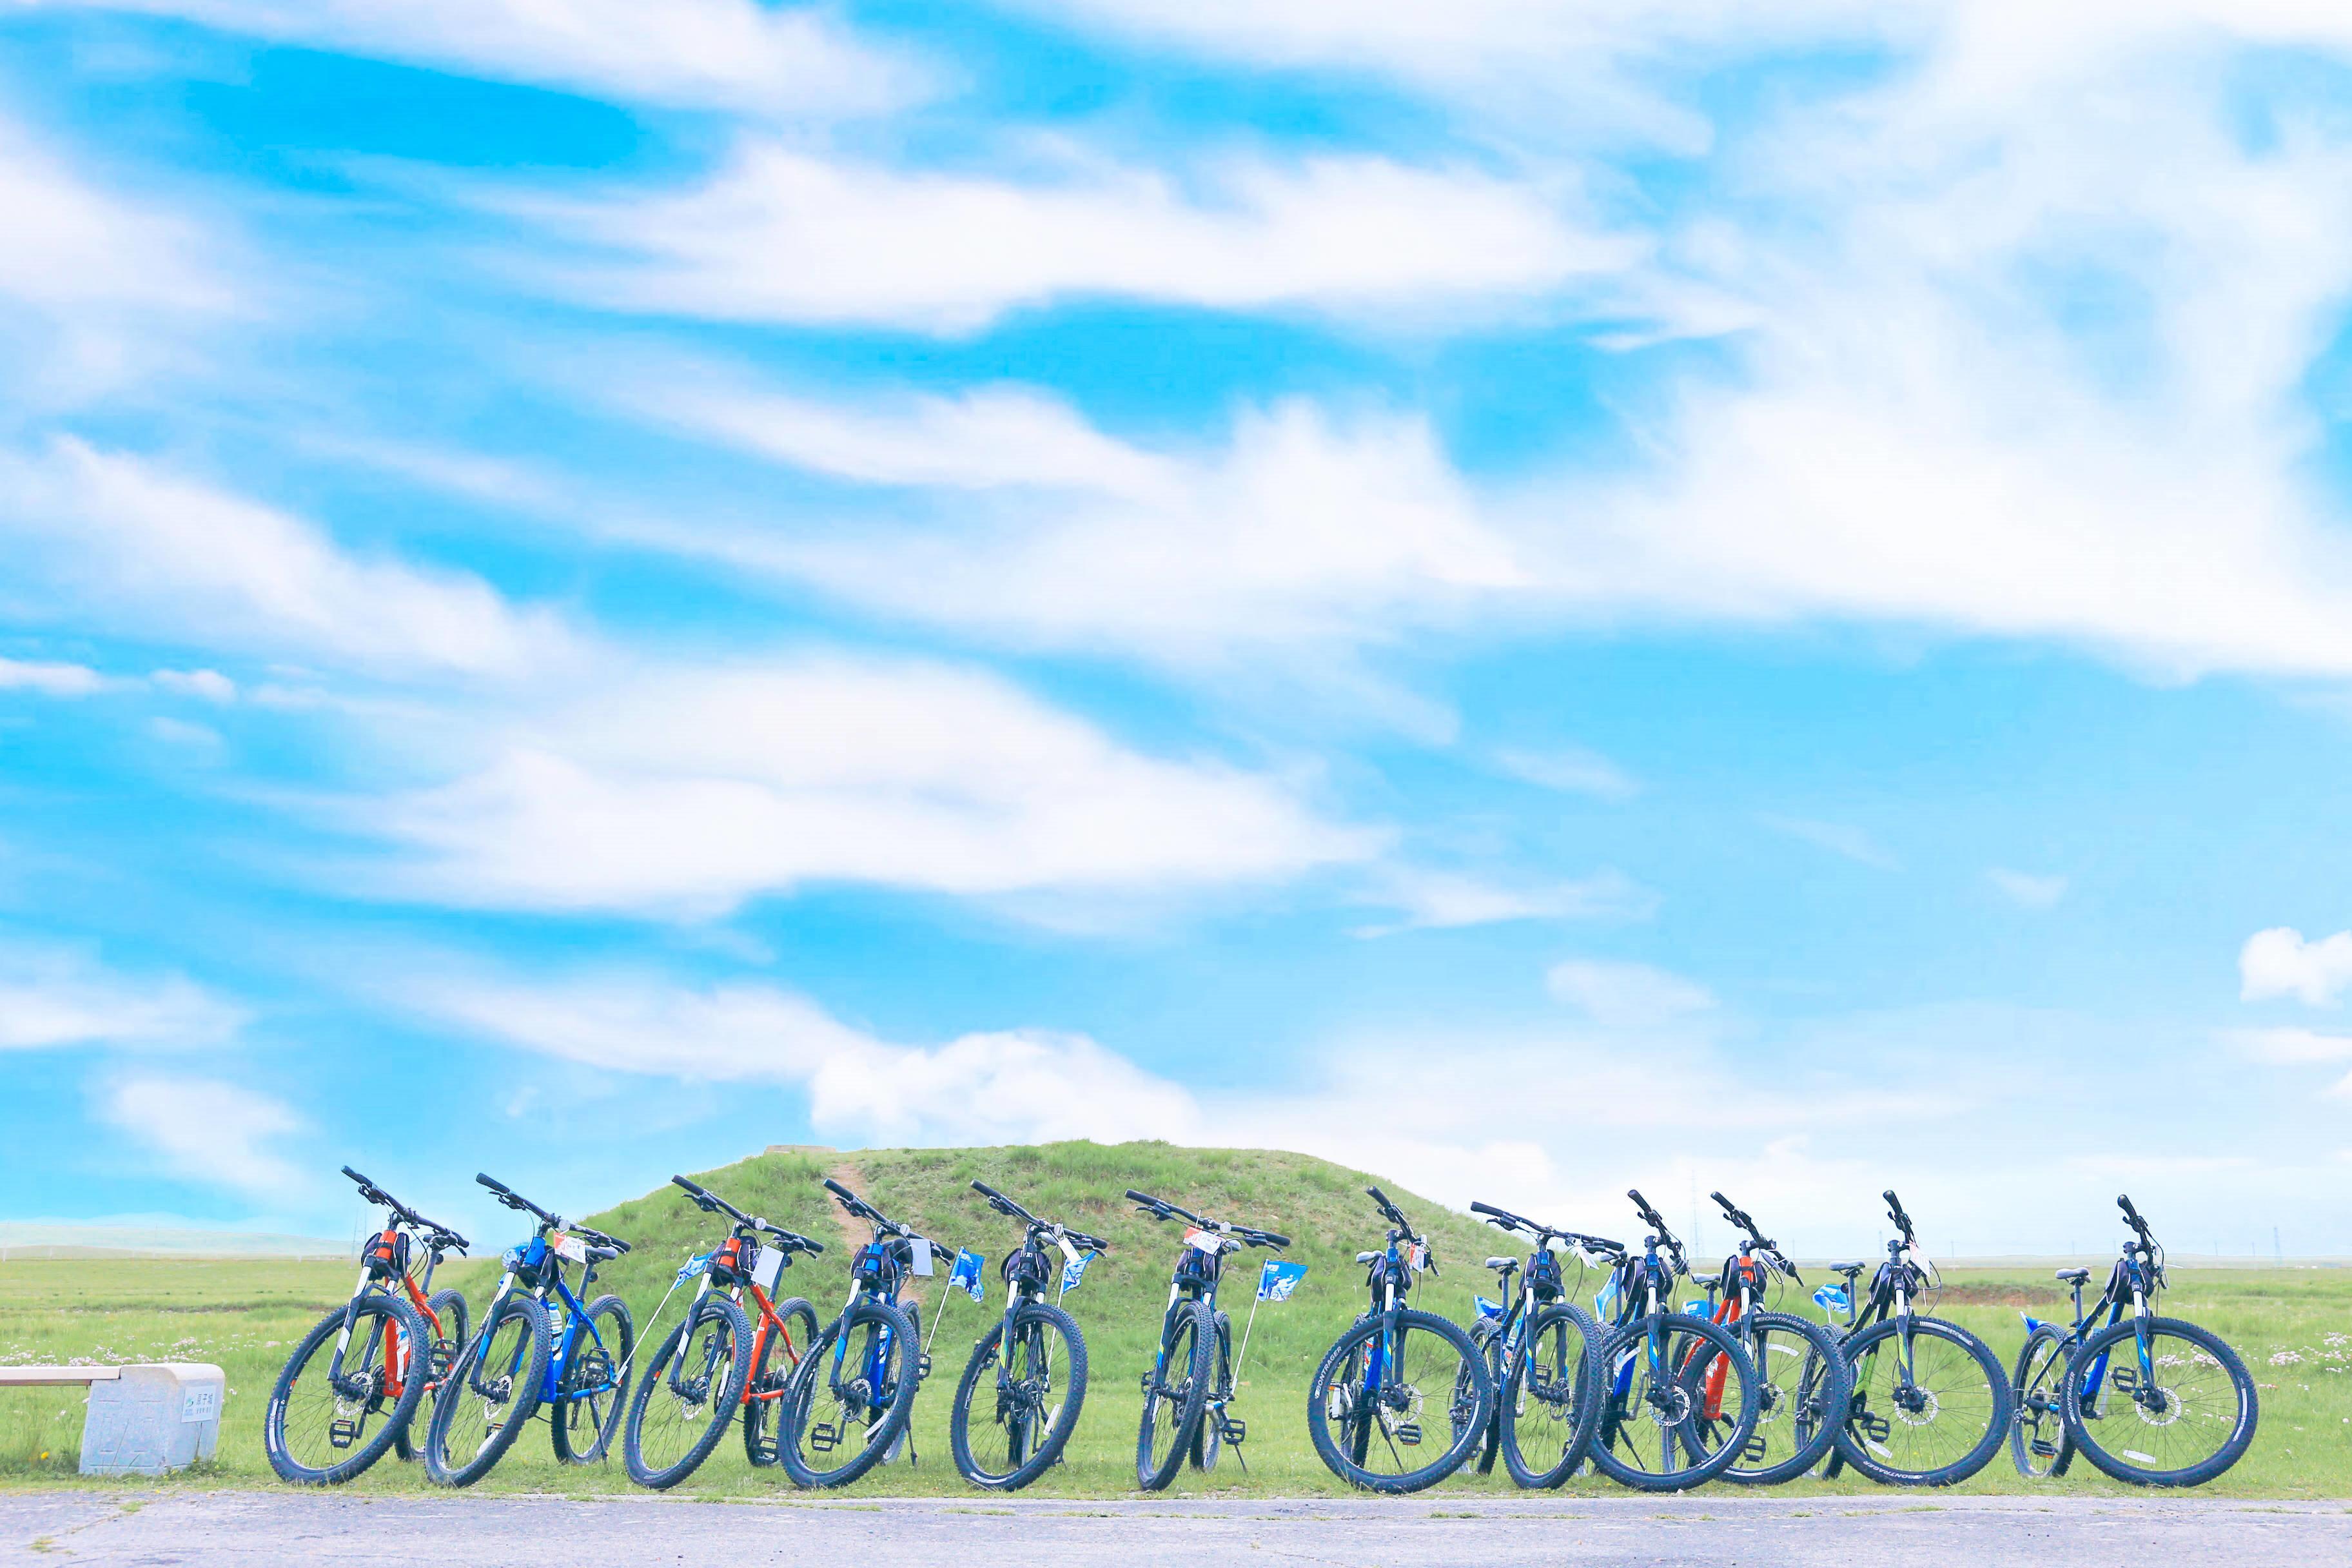 【青海湖骑行】西宁环青海湖骑行单车拼车茶卡盐湖5天4晚自由行